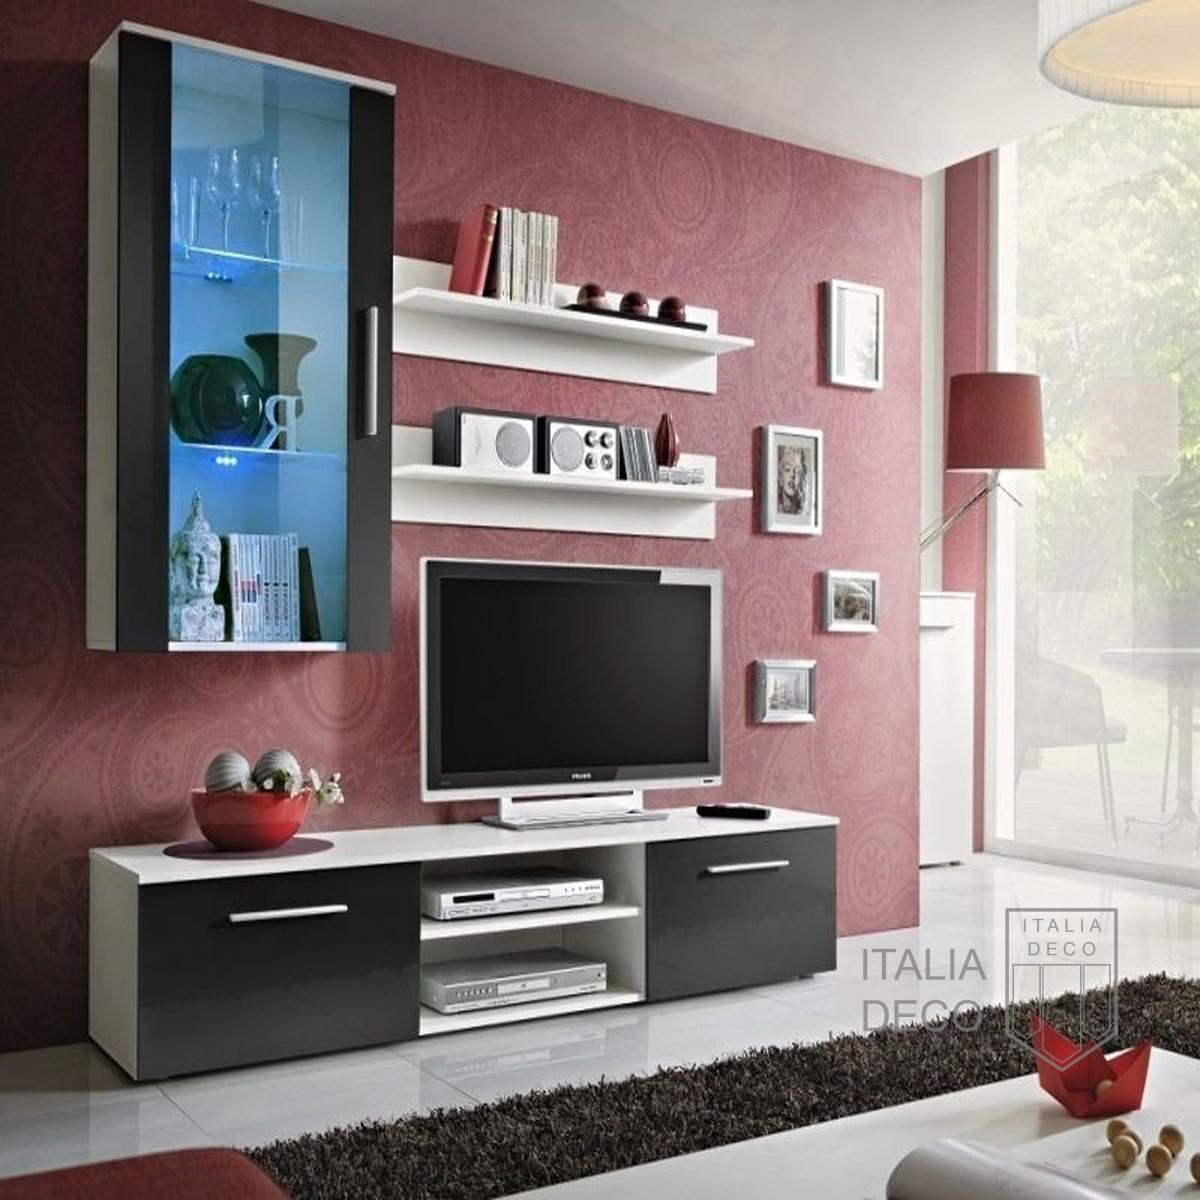 Modular para tv lcd vajillero trento italia deco for Muebles modulares modernos para tv